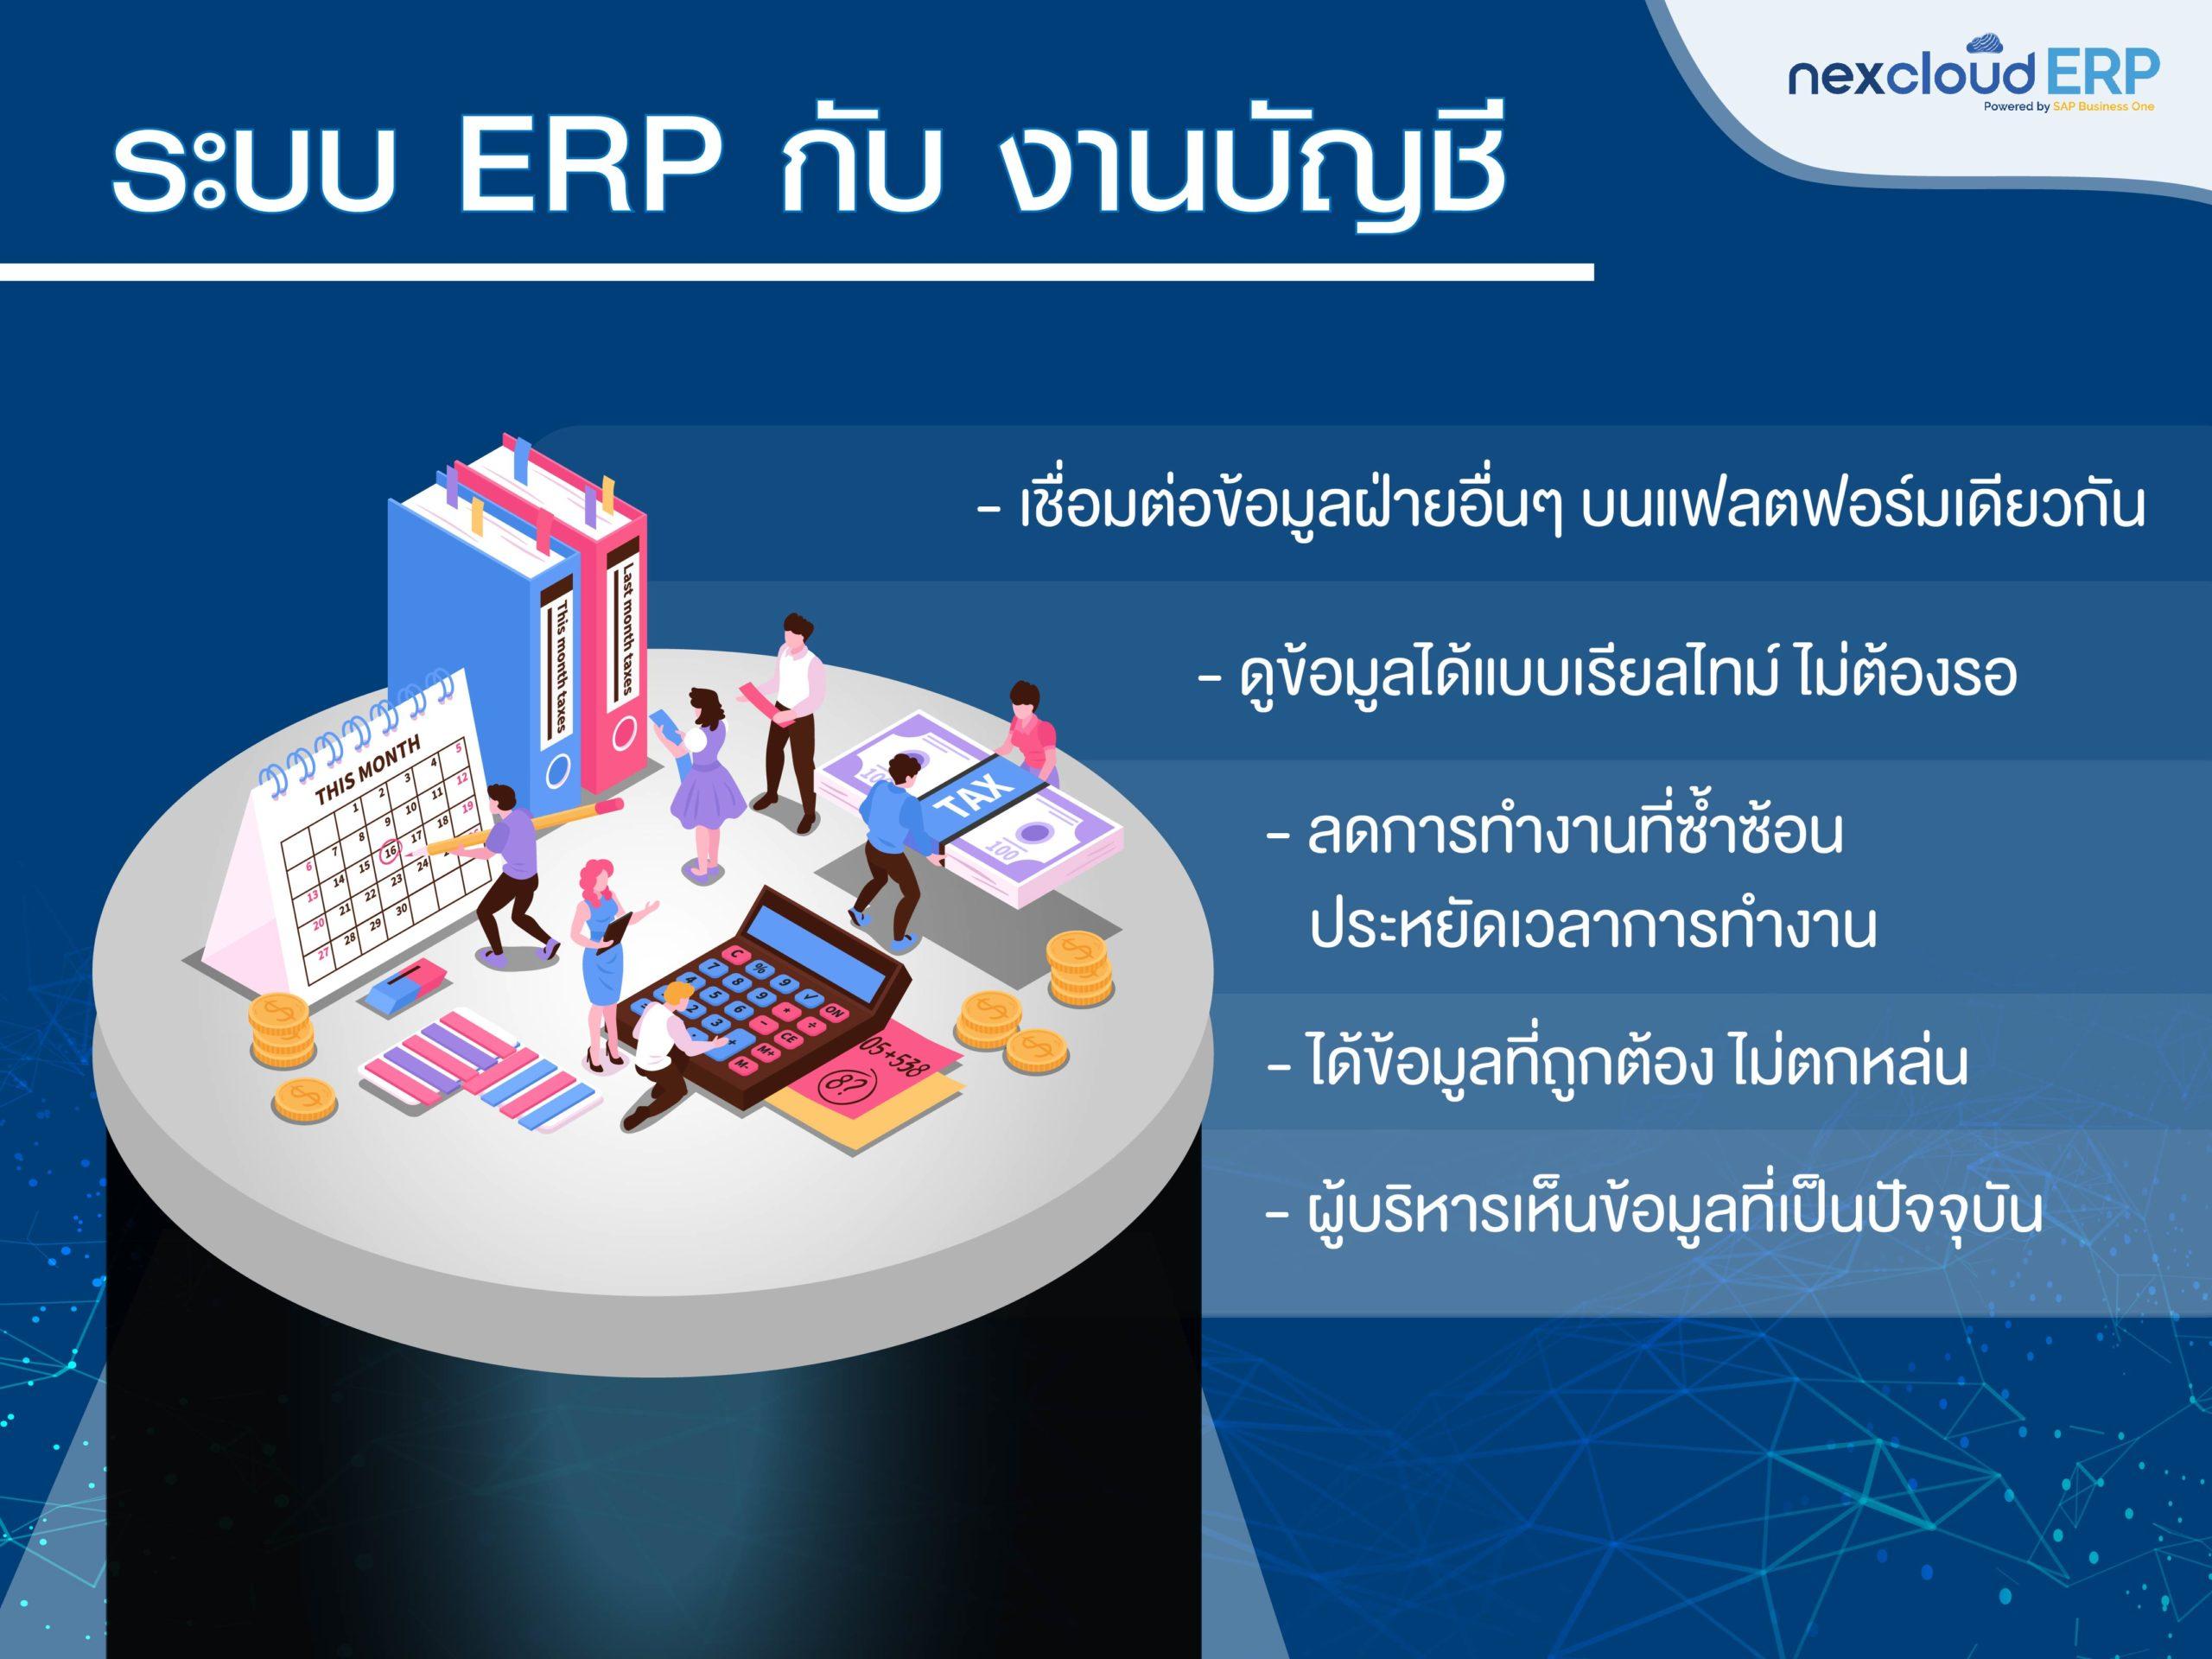 ระบบ ERP บัญชี ต่างกับโปรแกรมบัญชี อย่างไร ERP บัญชี คืออะไร